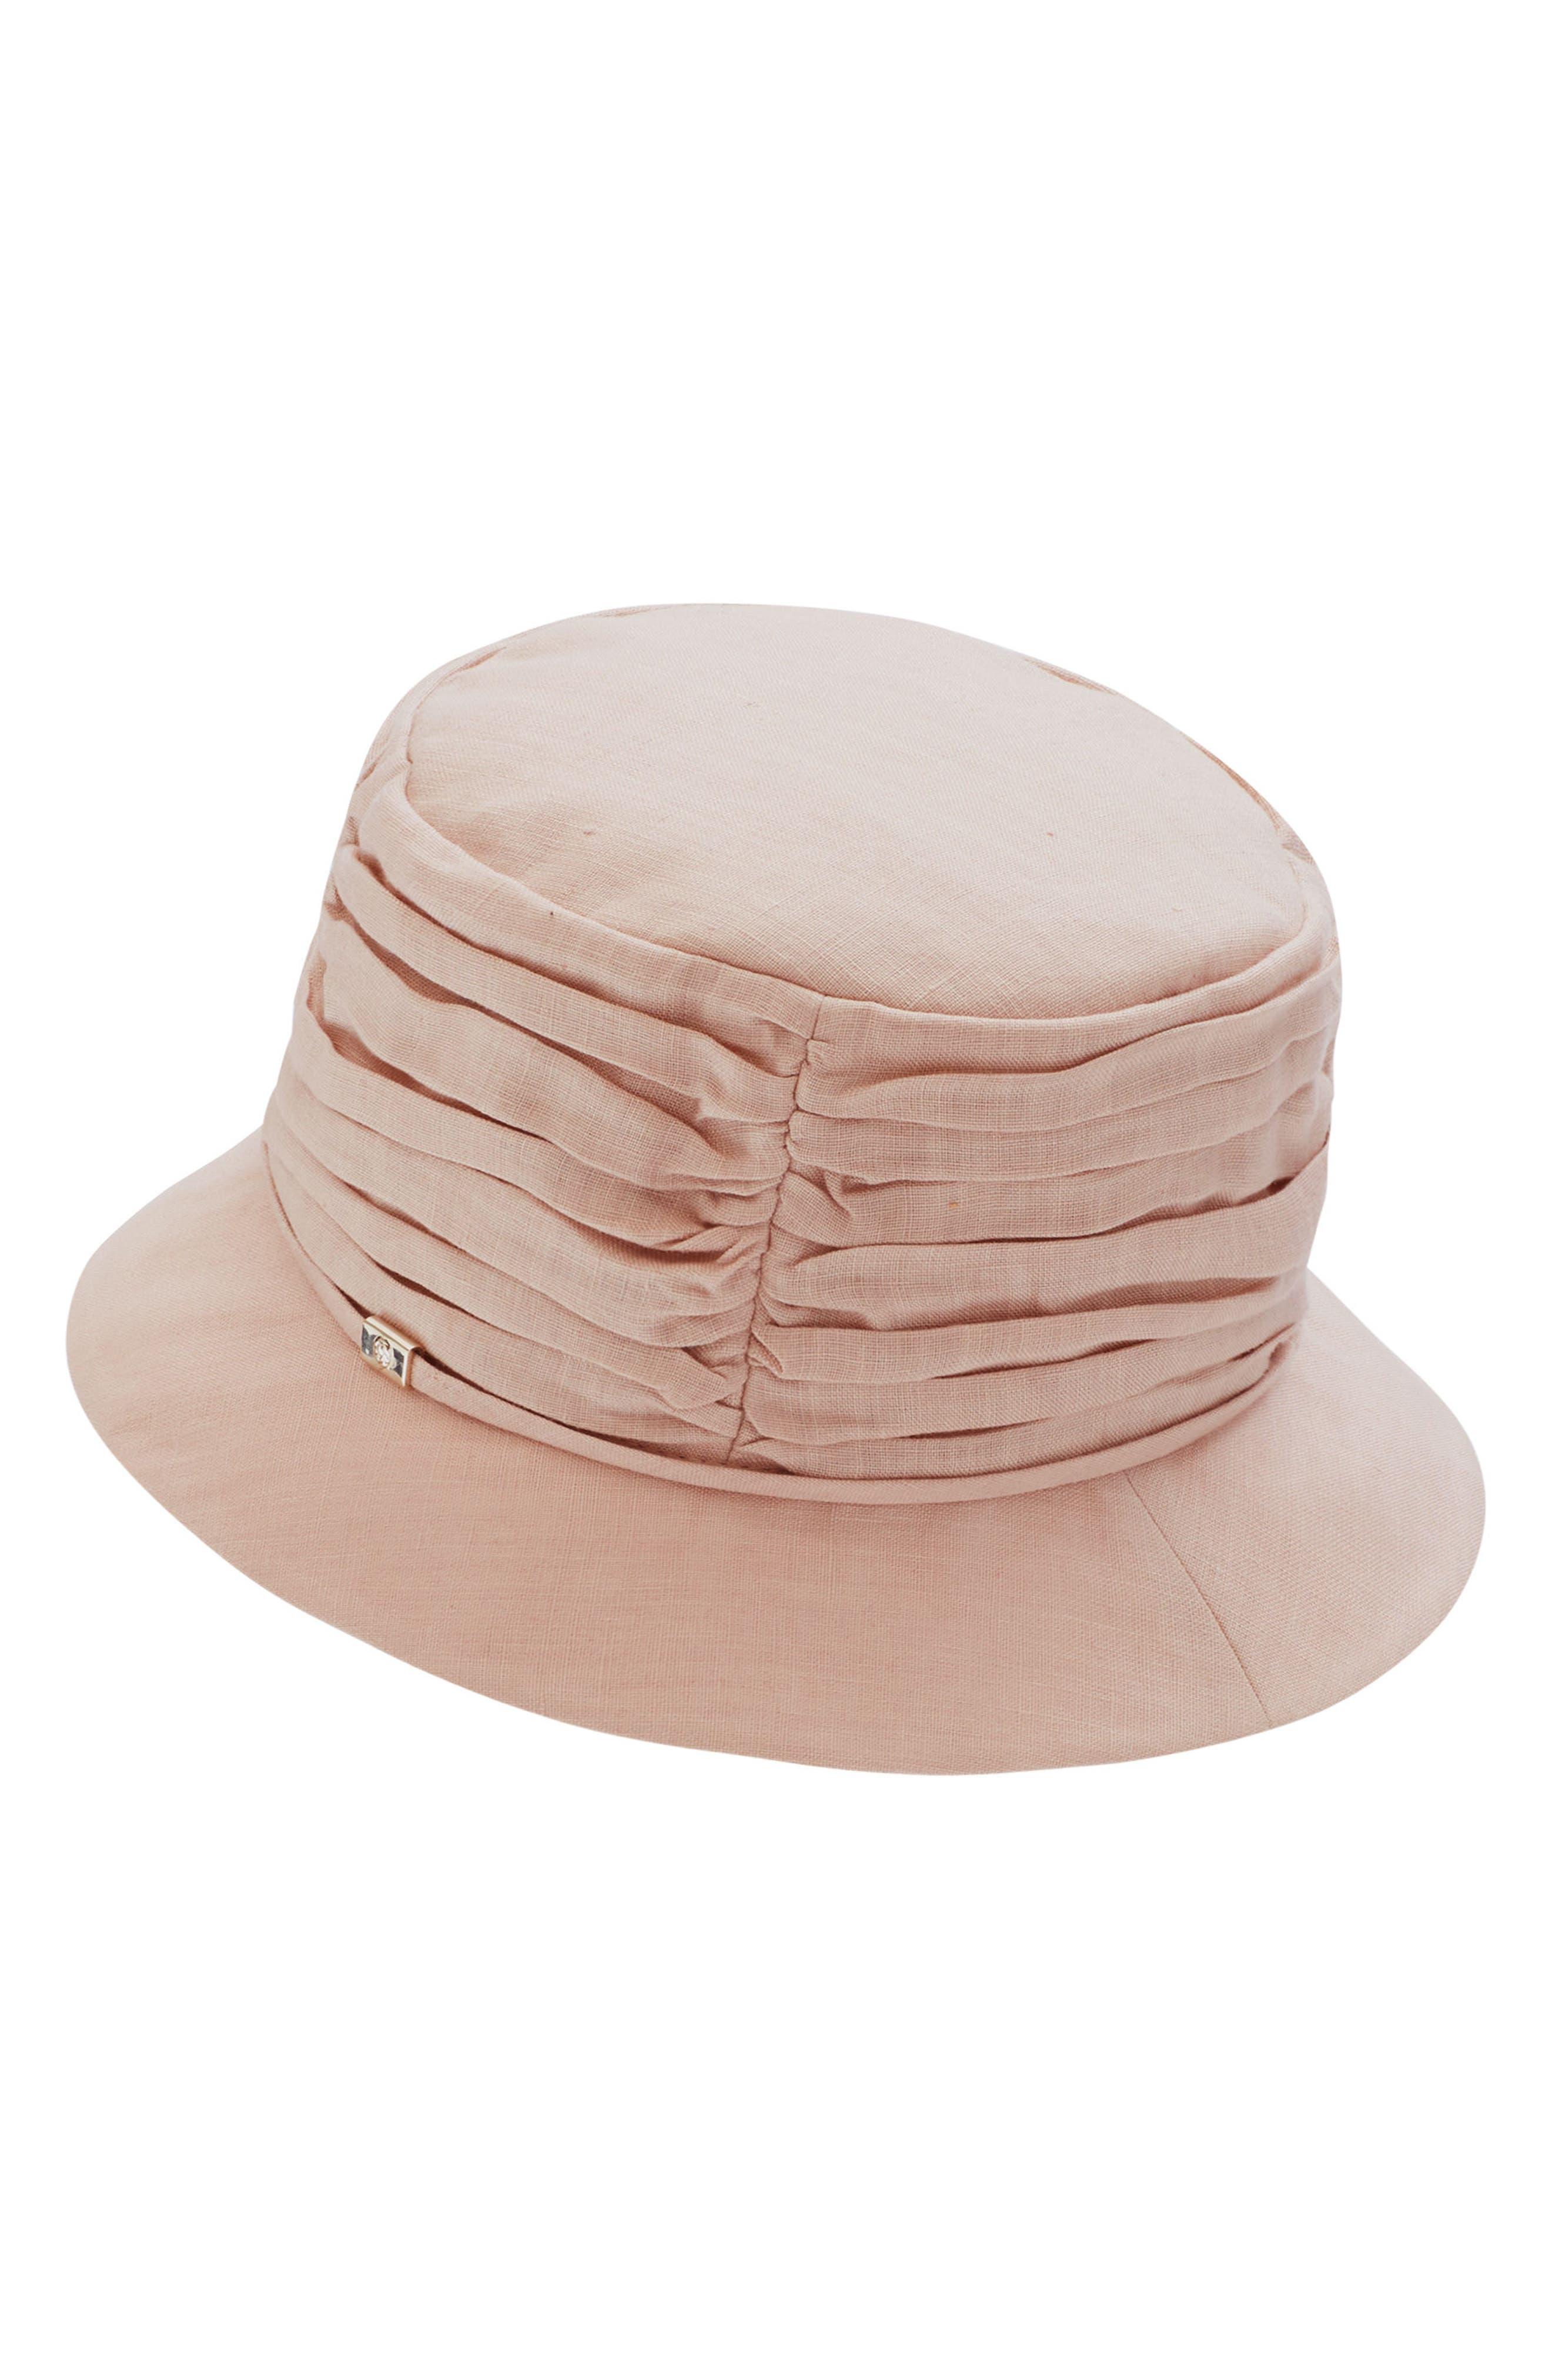 CLASSIC LINEN BUCKET HAT - PINK